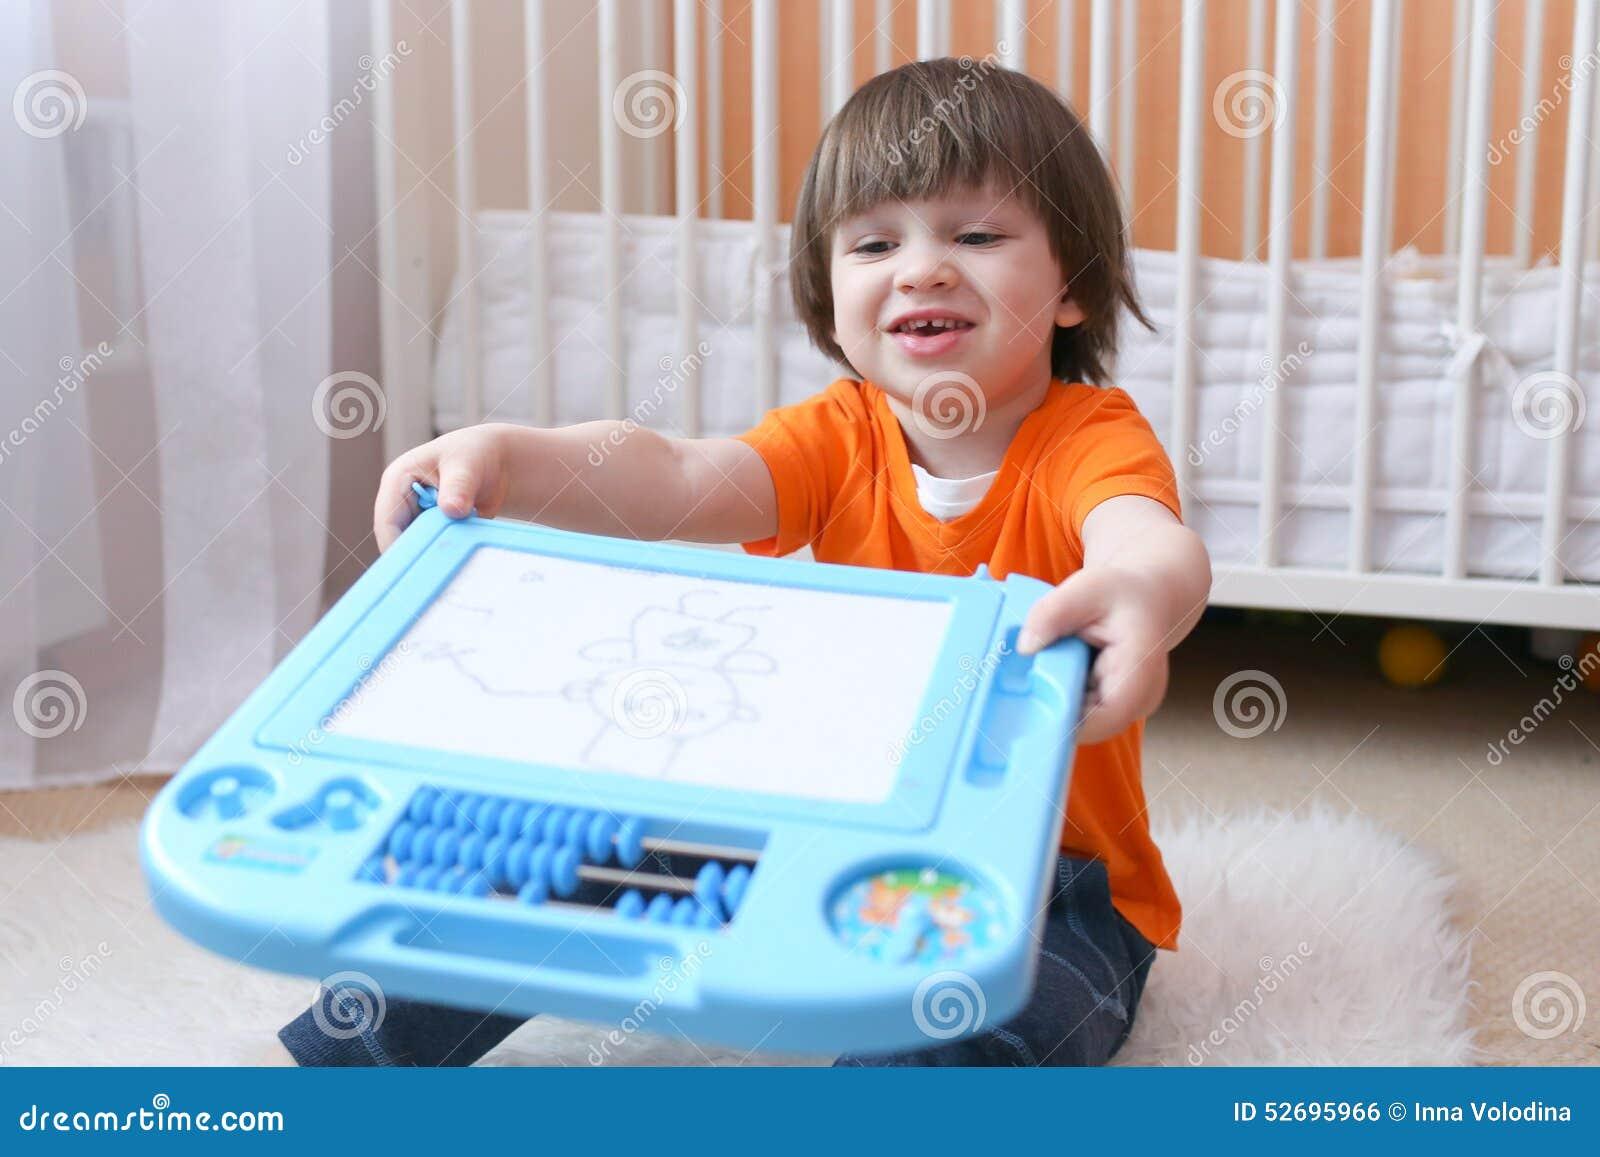 Nice 2 jaar kind toont zijn het trekken op magnetische tablet stock foto afbeelding 52695966 - Schilderen kind jongen ...